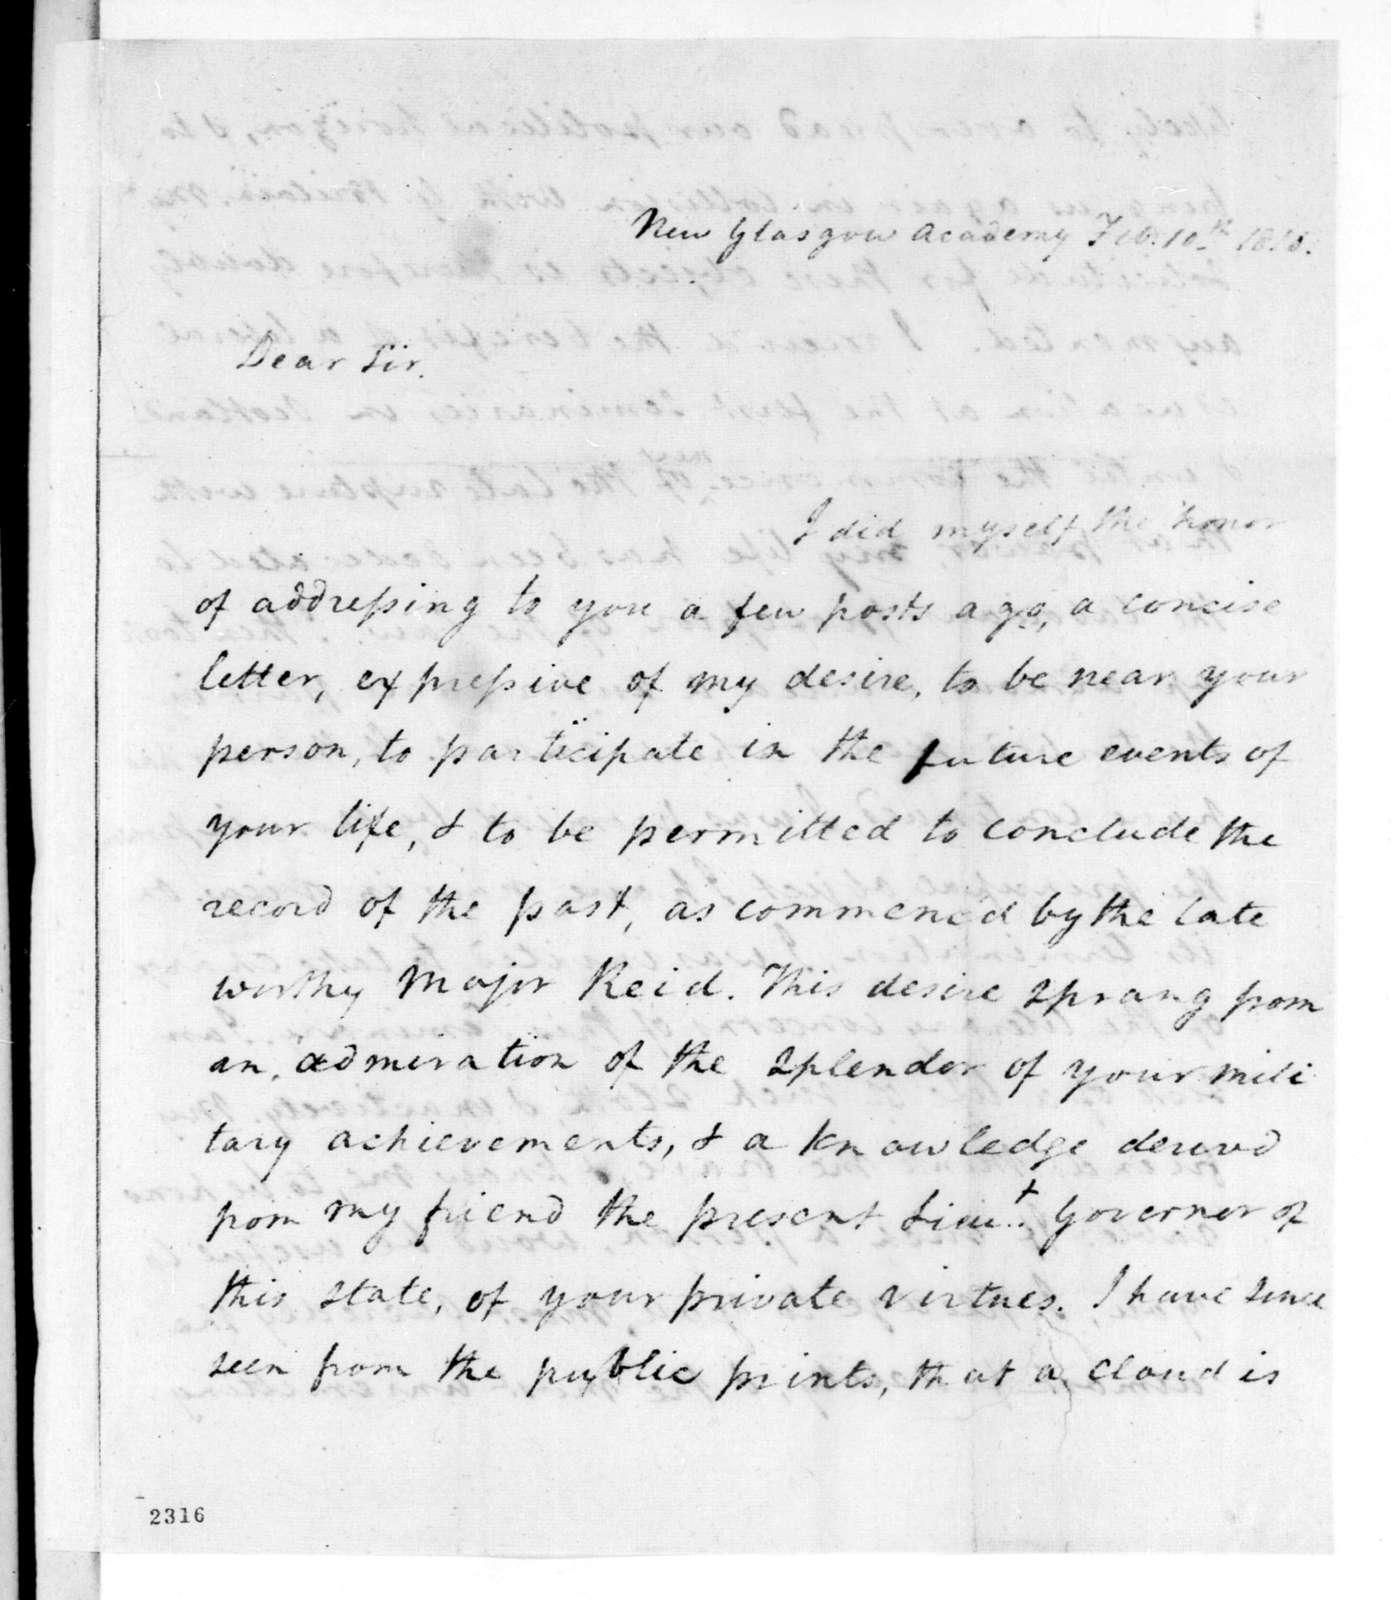 Joseph Jones Monroe to Andrew Jackson, February 10, 1816